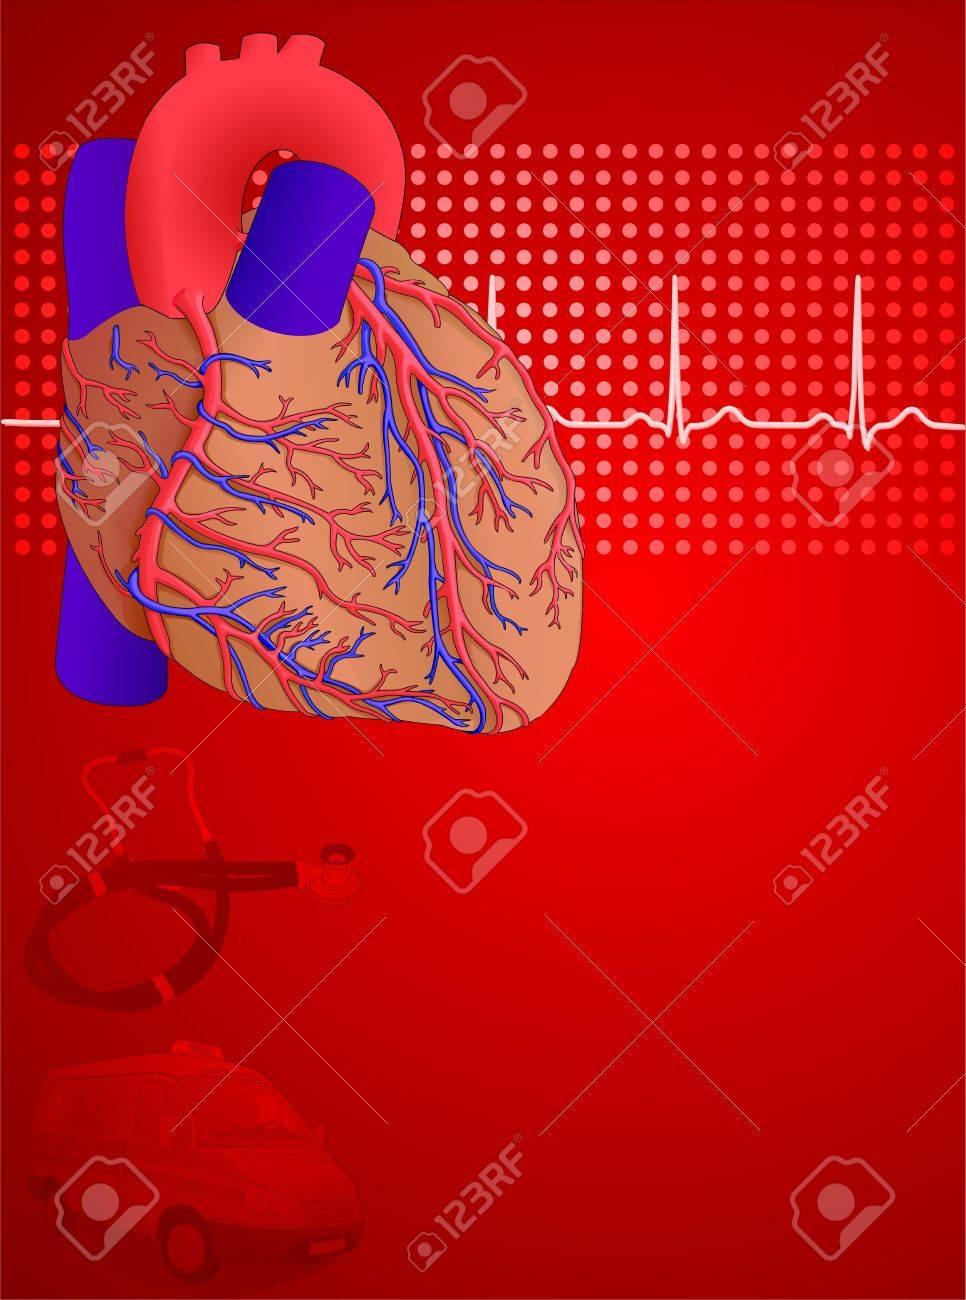 Anatomía Del Corazón Humano Y Fondo De Fisiología Rojo, Ilustración ...